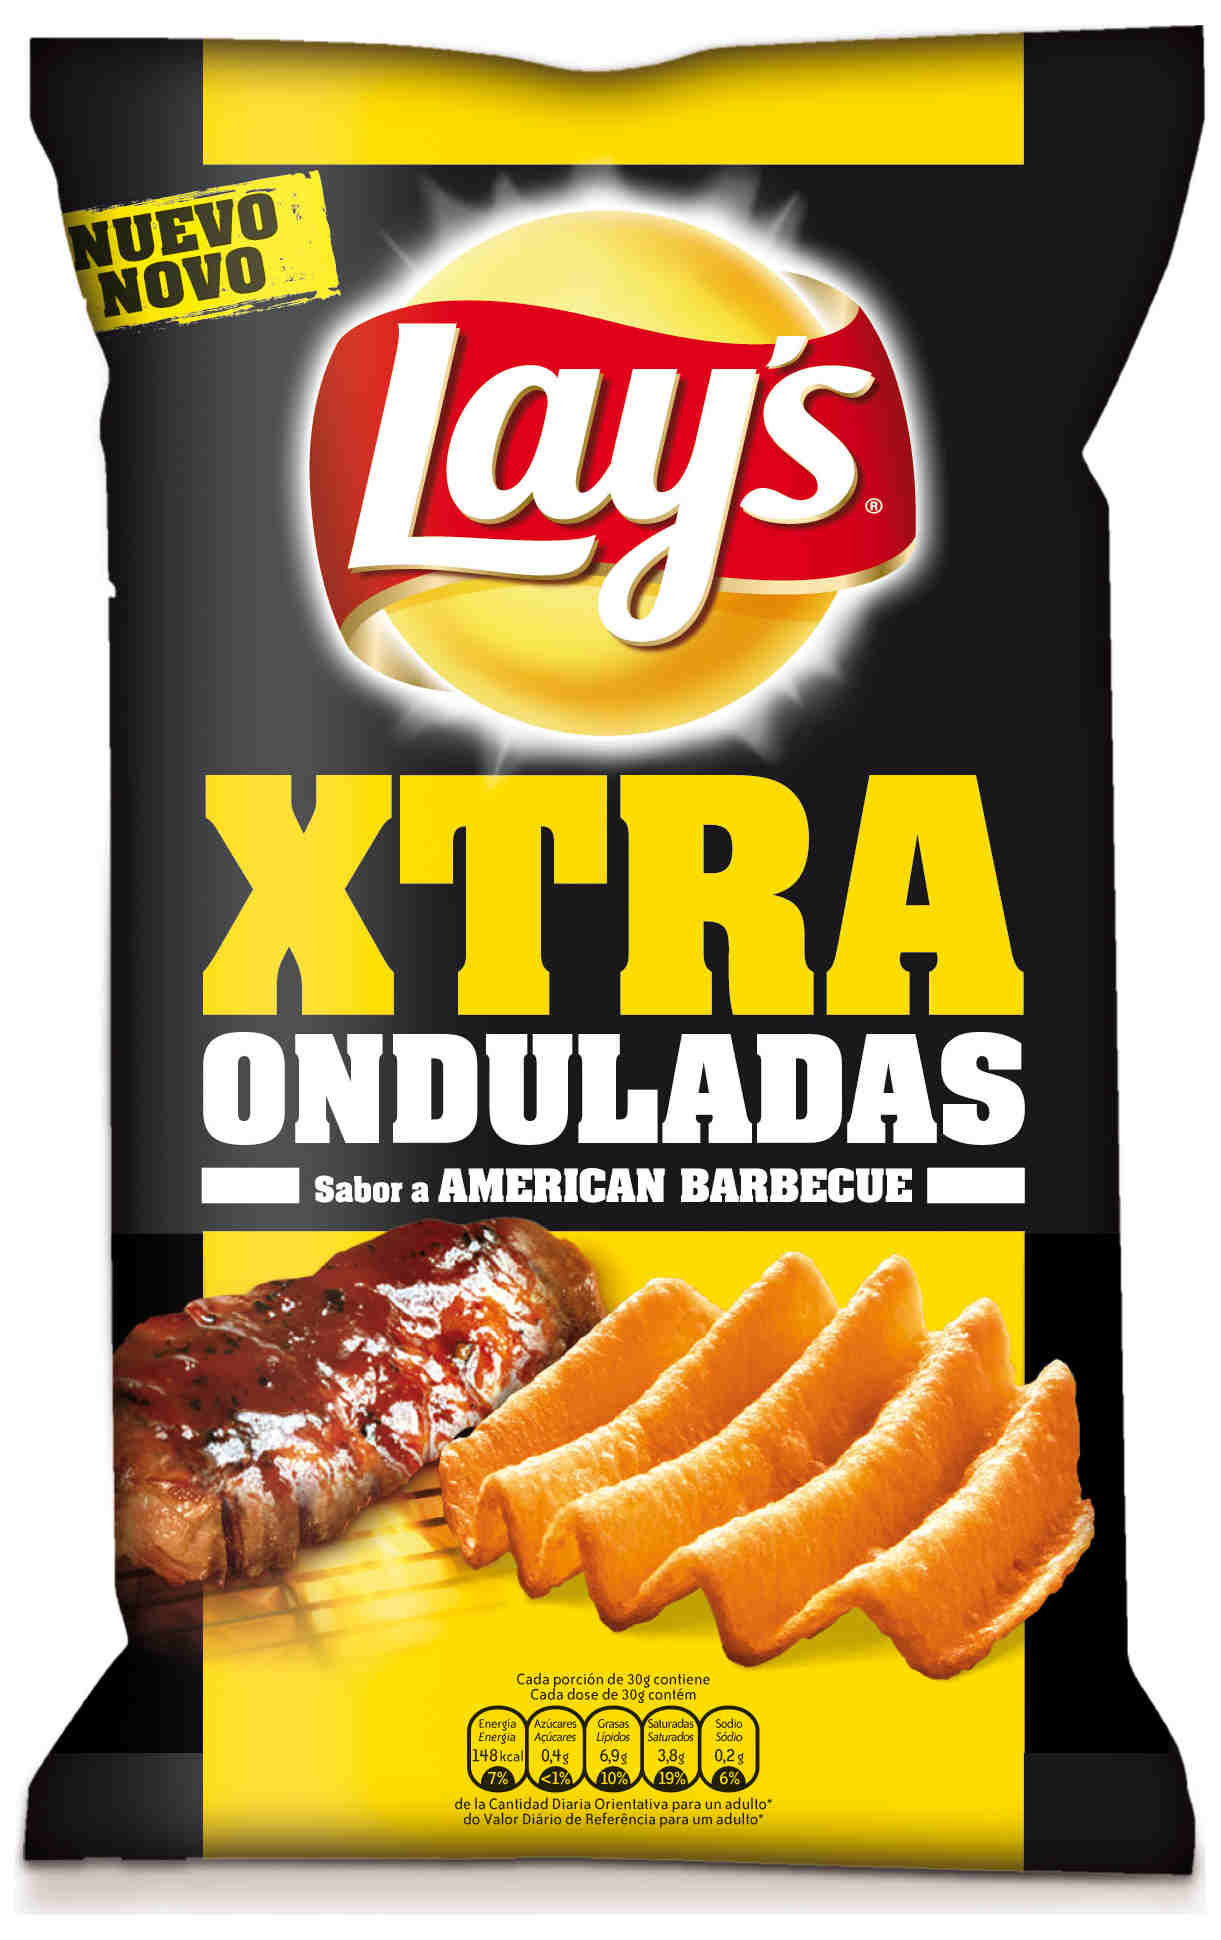 """Patatas fritas onduladas """"Lay's XTRA Onduladas"""" Sabor American Barbacue - Product"""